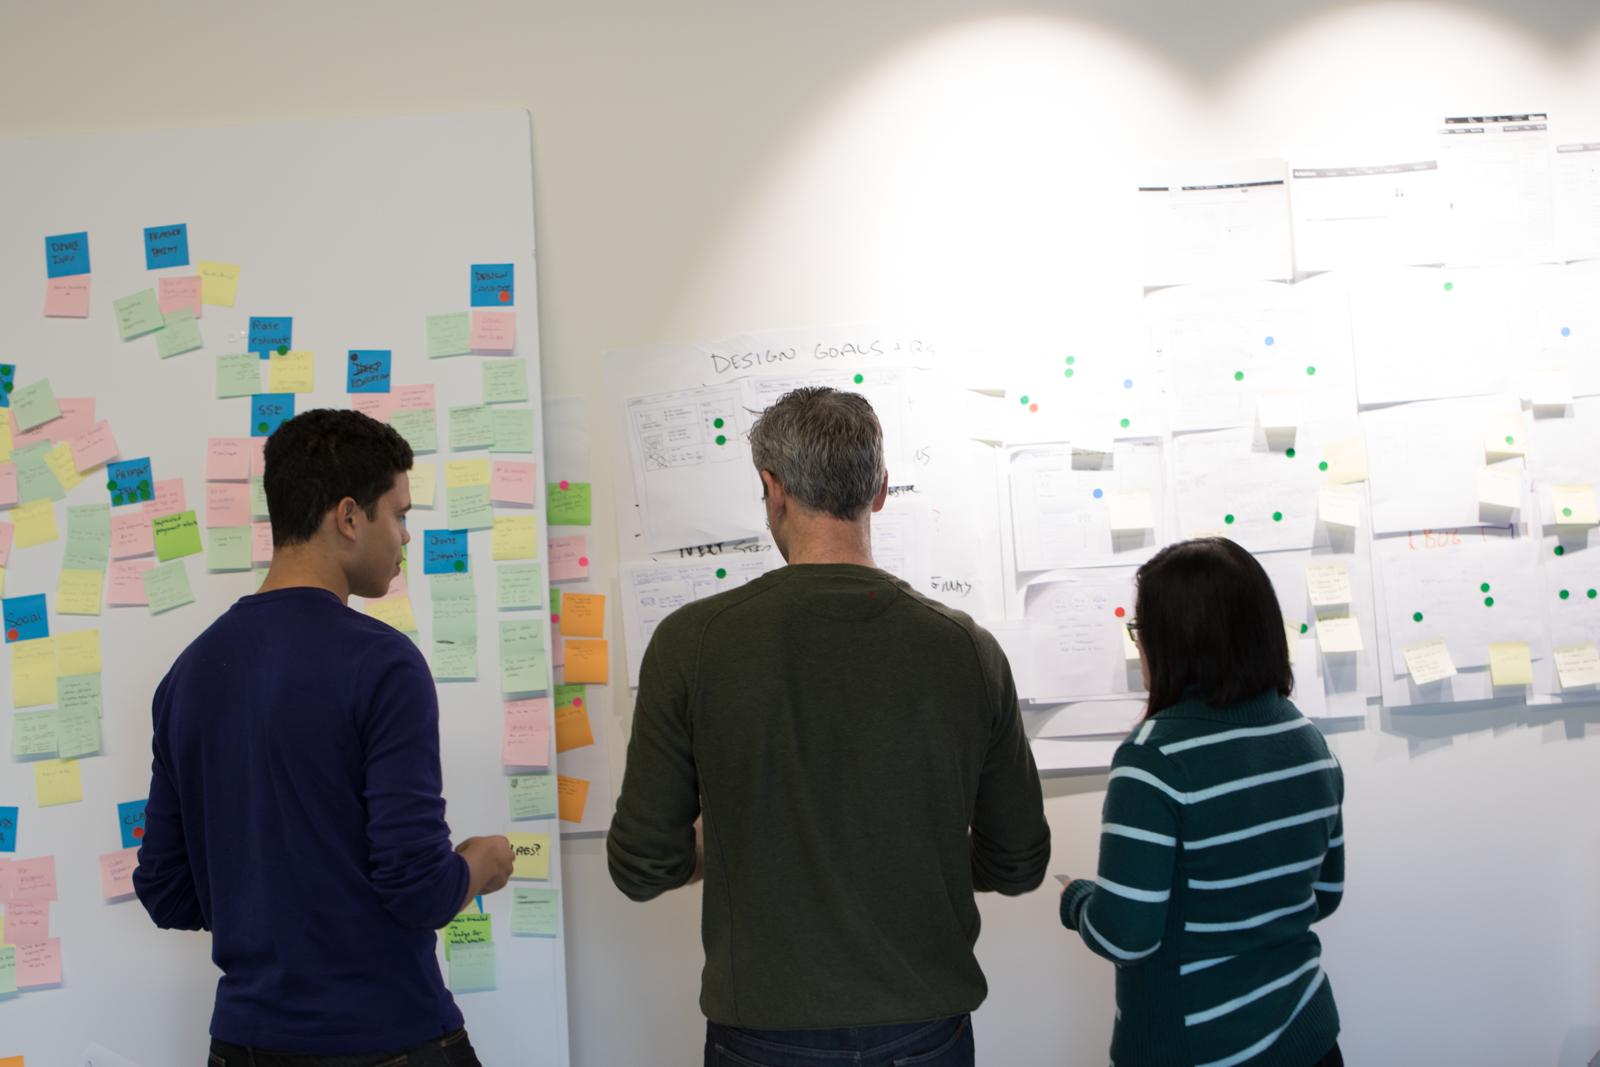 More design team discussions